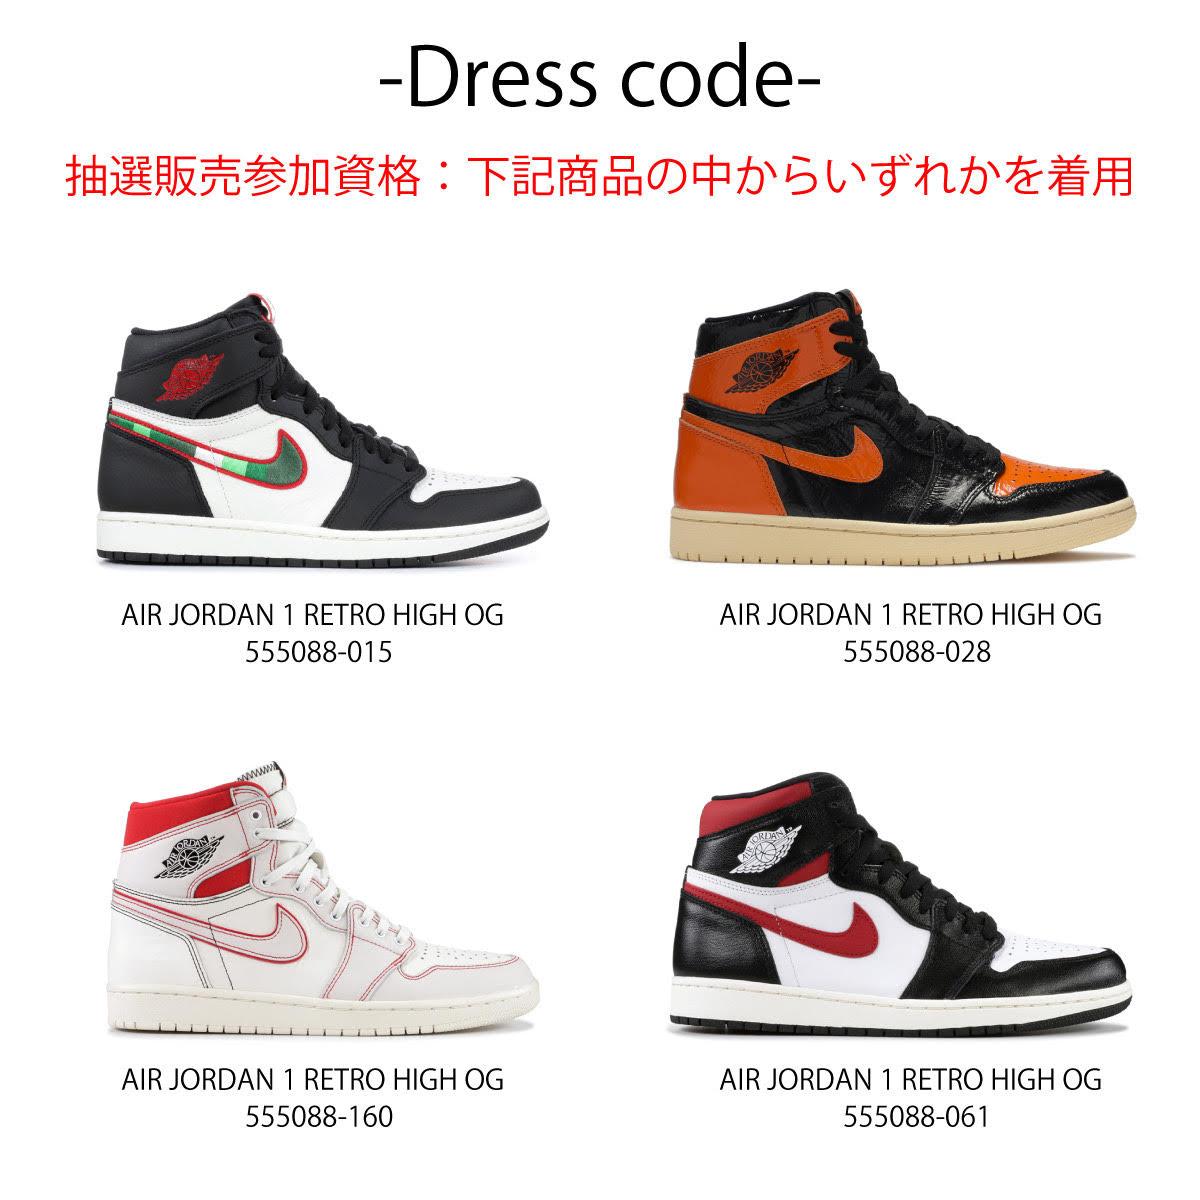 f:id:akira2001-0307:20191128202031p:plain